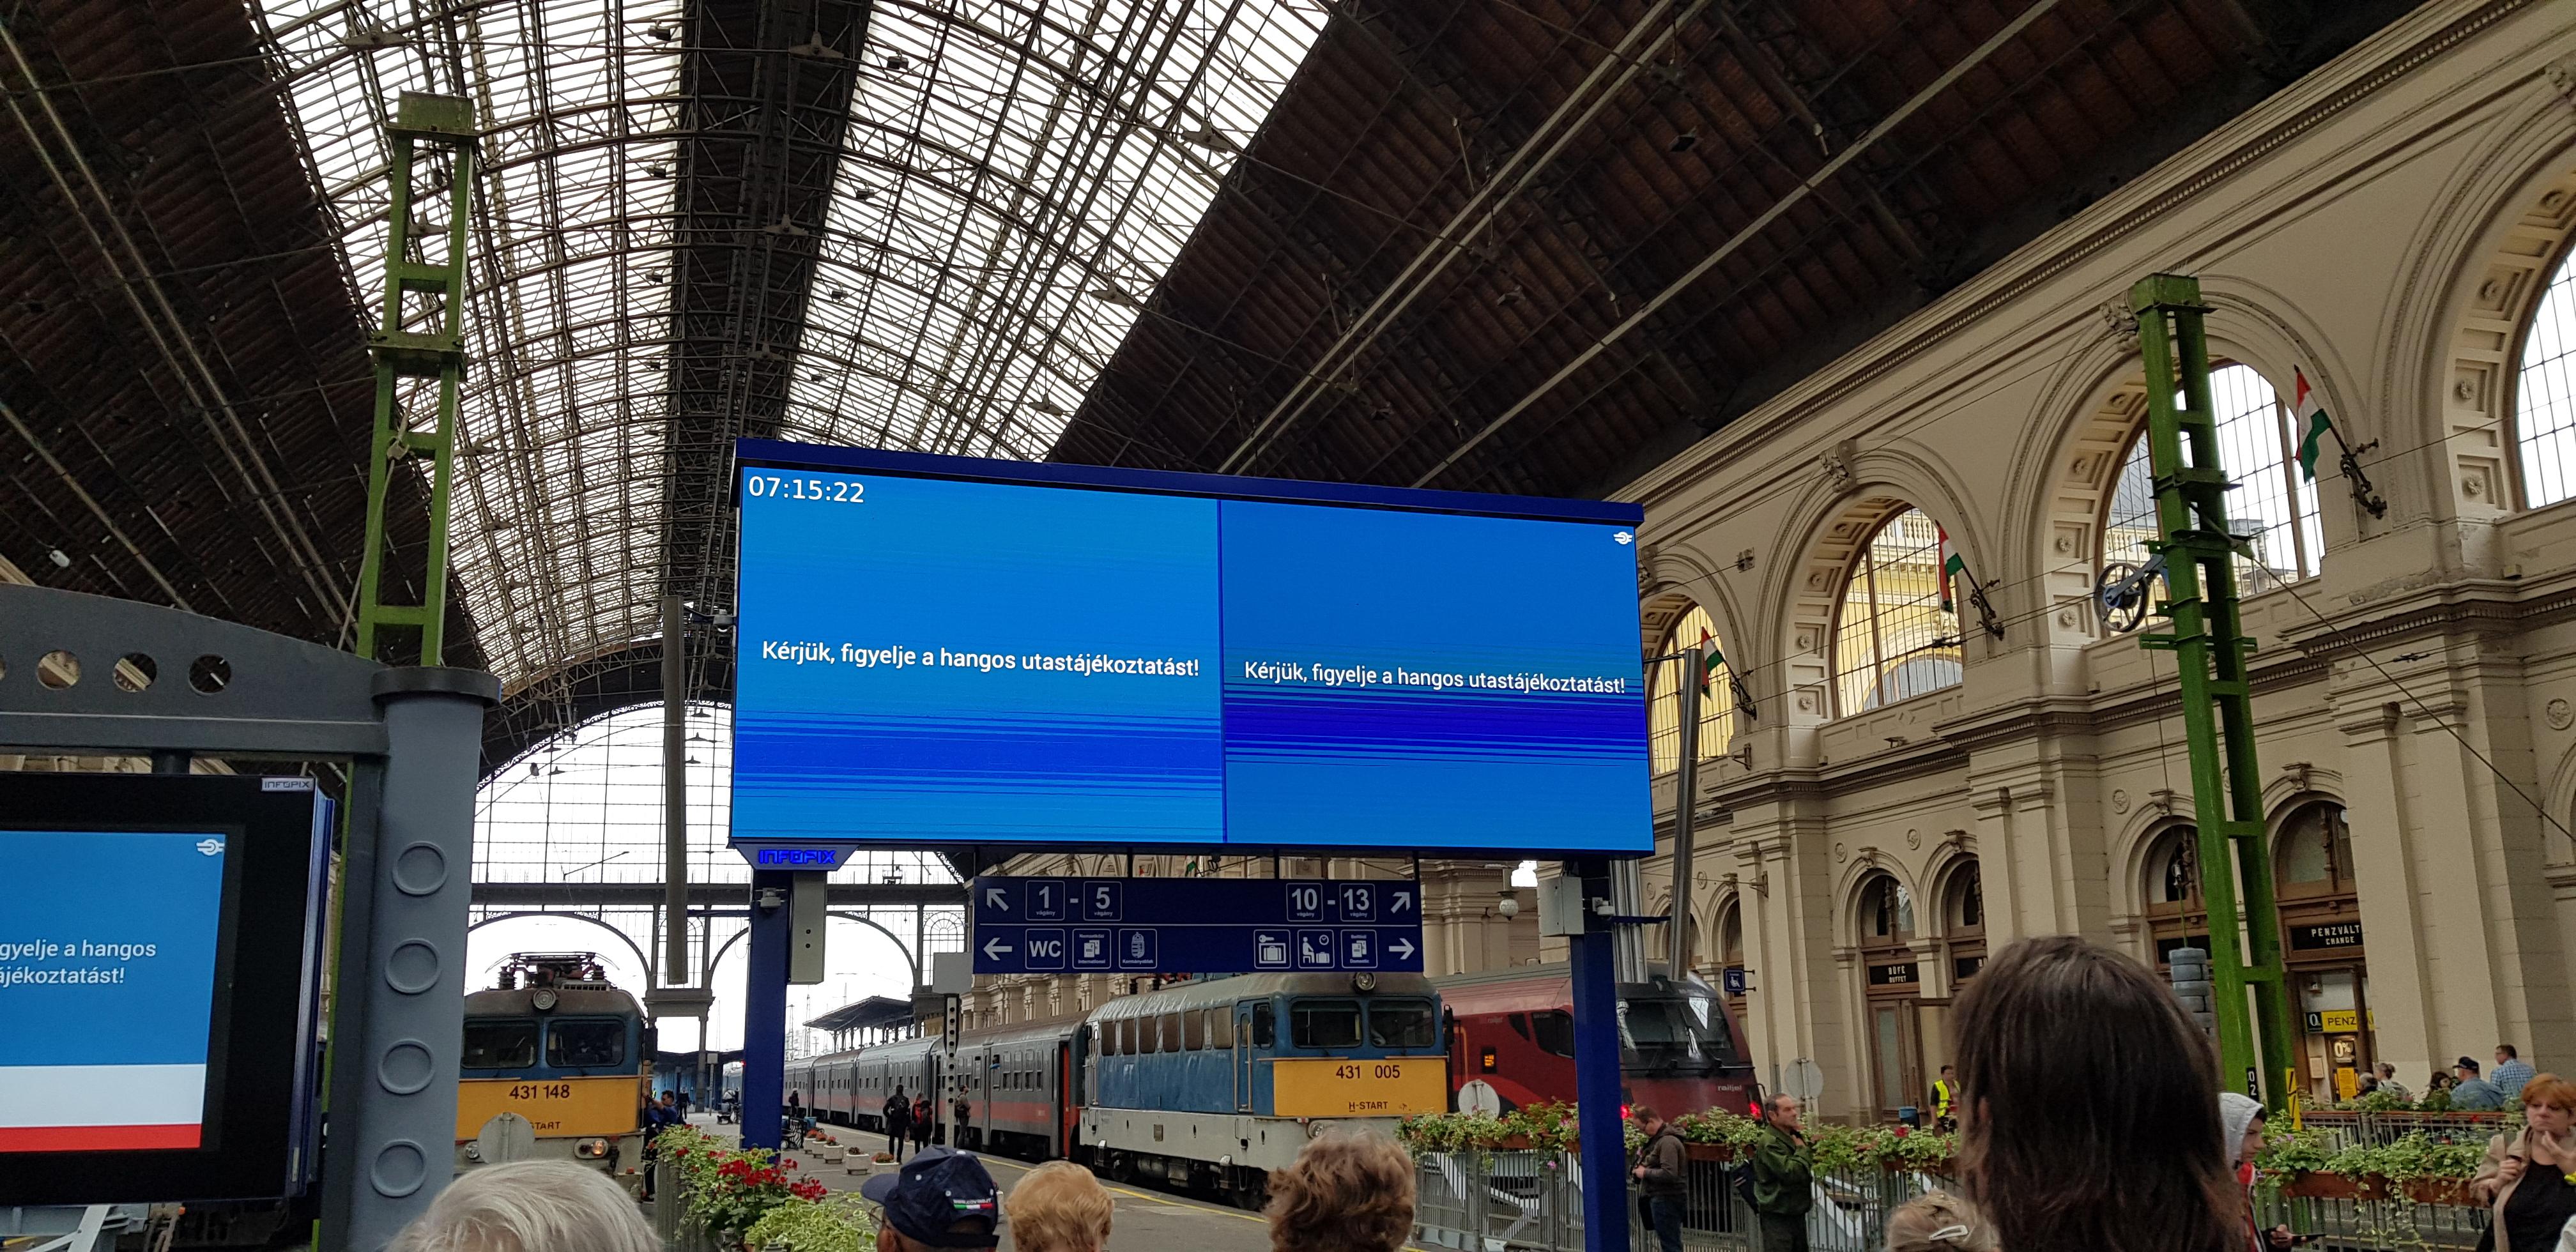 Épp csak a legfontosabb eszköz nem üzemelt a felújított Keleti pályaudvaron